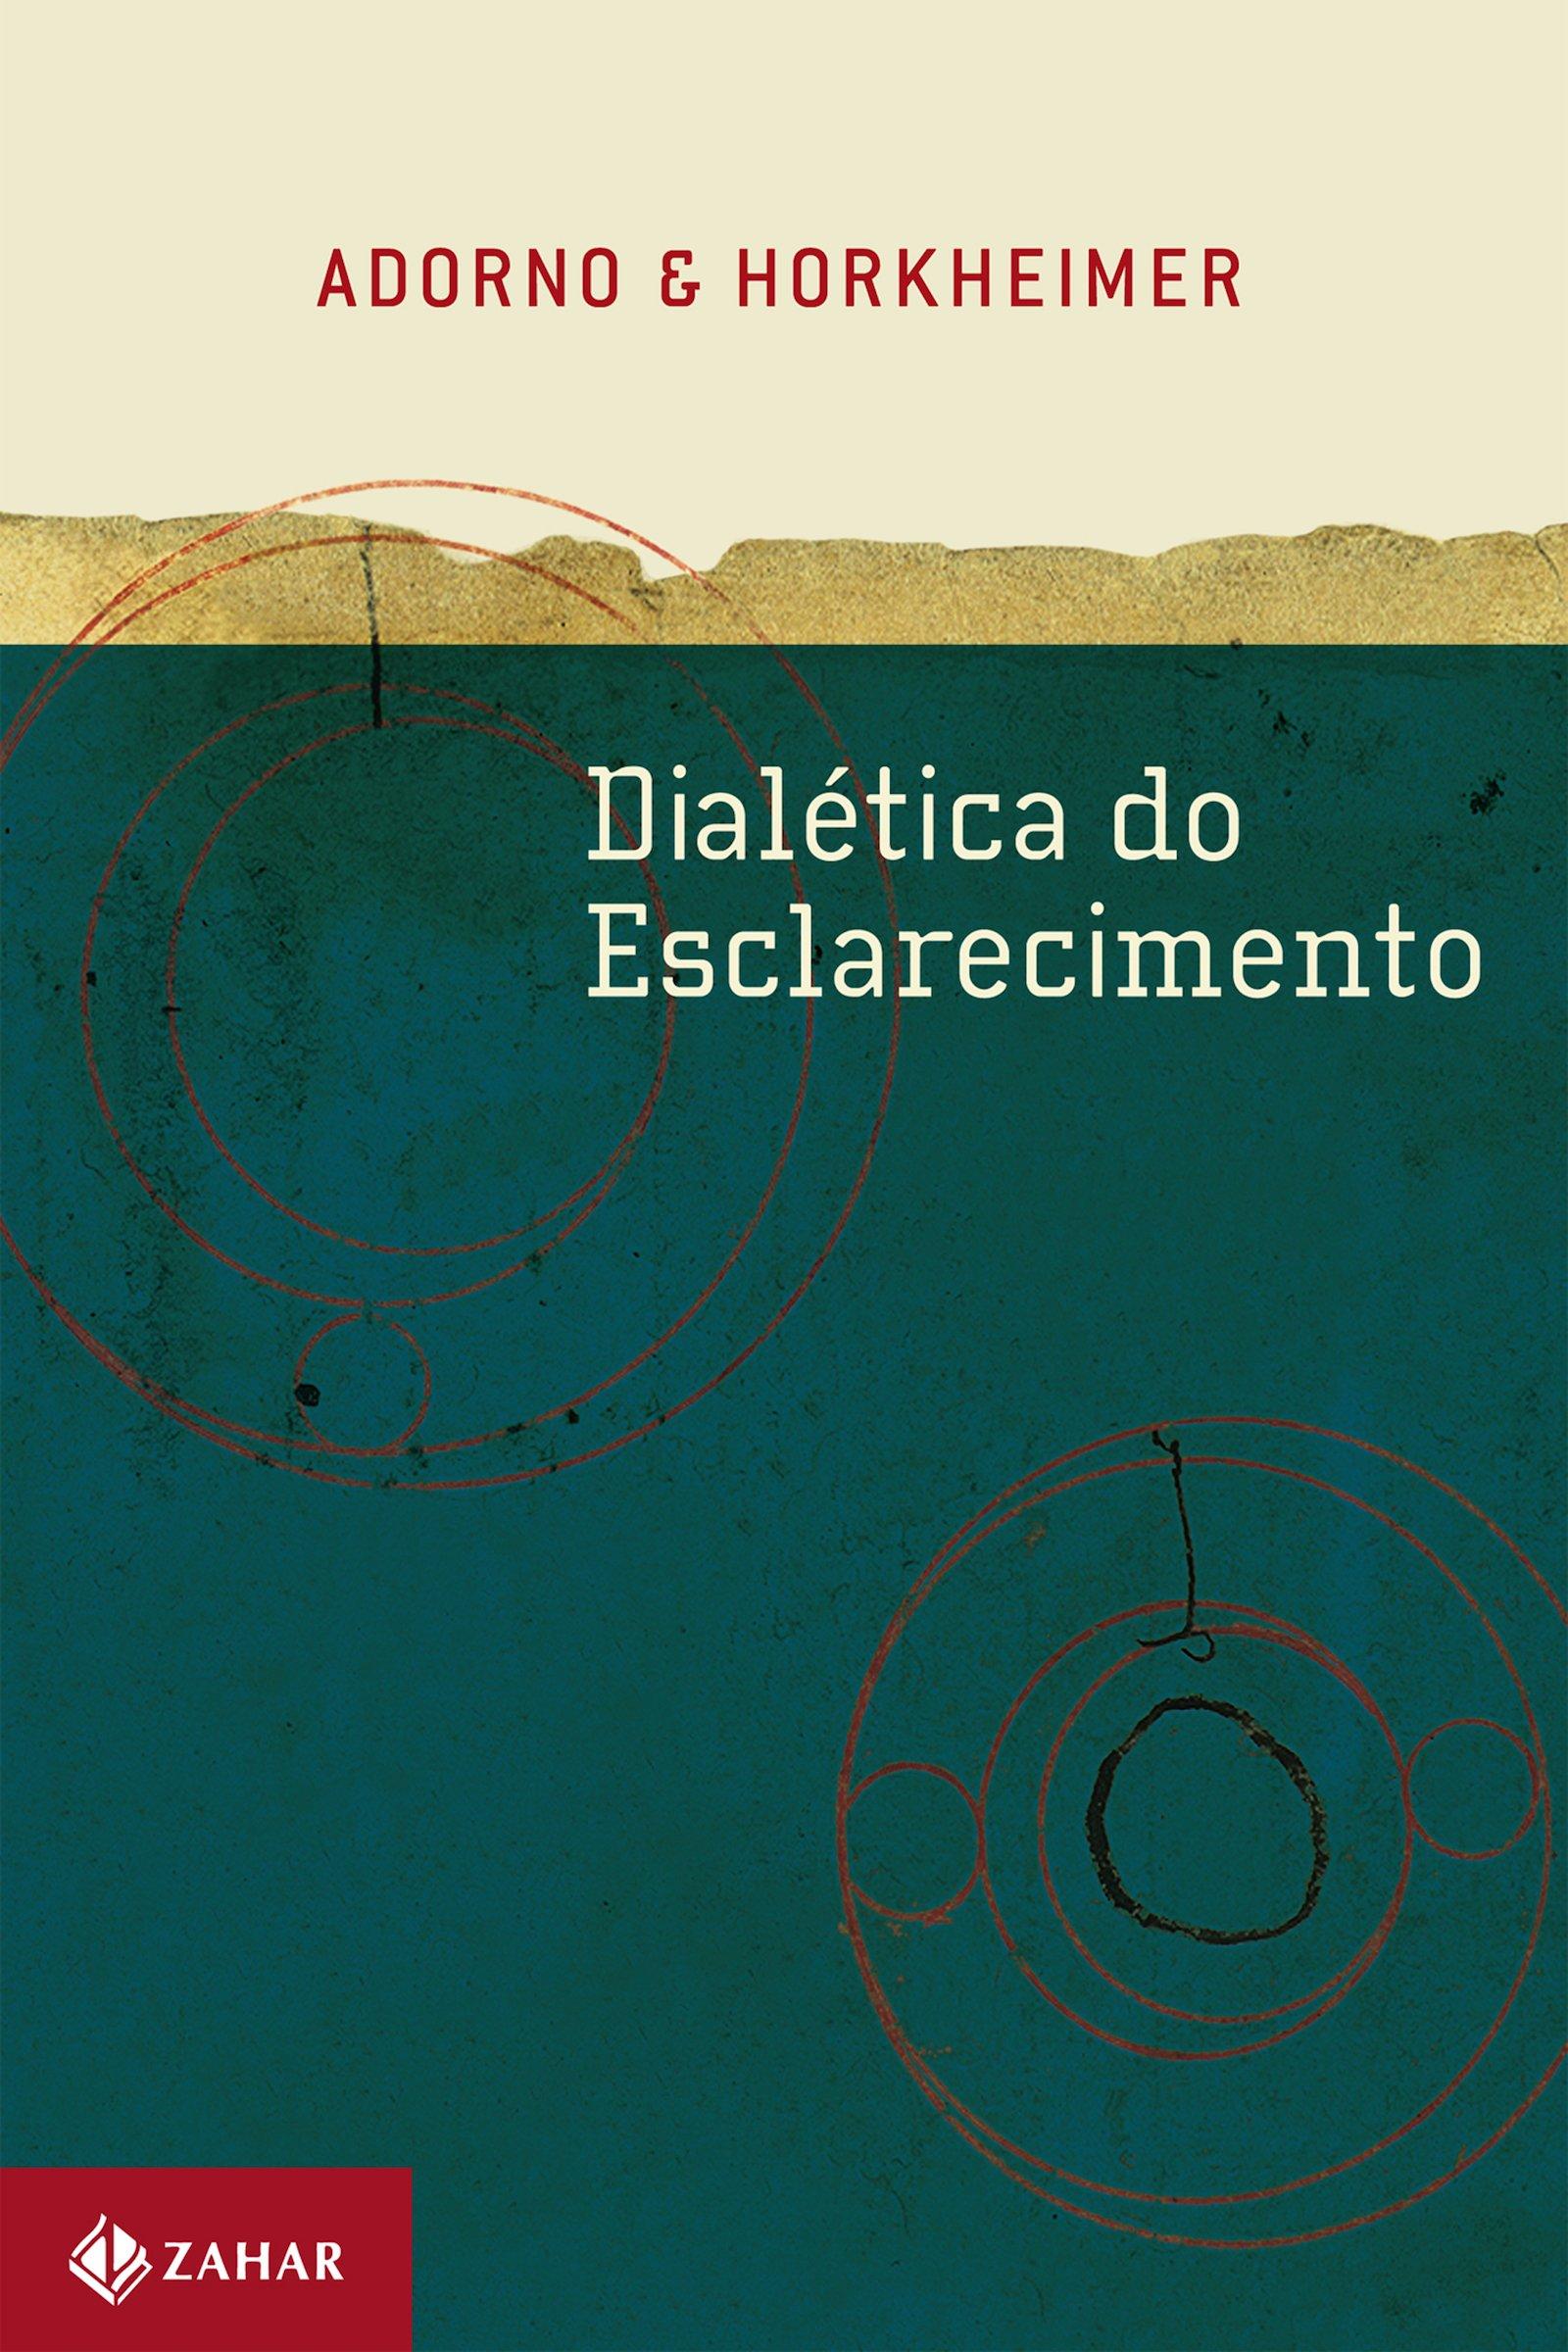 Dialética do Esclarecimento: Fragmentos Filosóficos